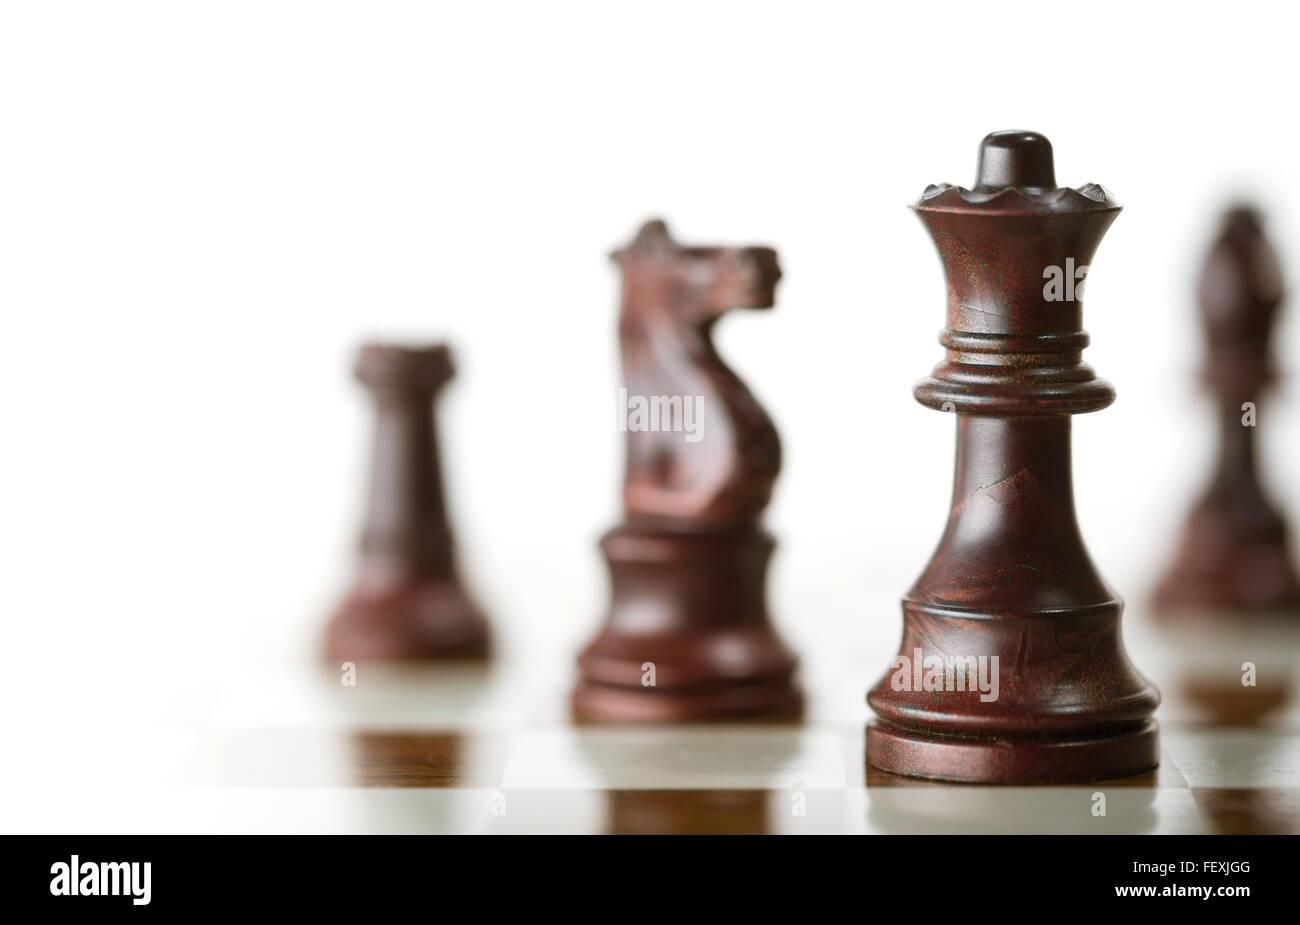 L'immagine orizzontale di una partita a scacchi con il focus sulla regina e una sfocata pezzi su sfondo bianco, Immagini Stock